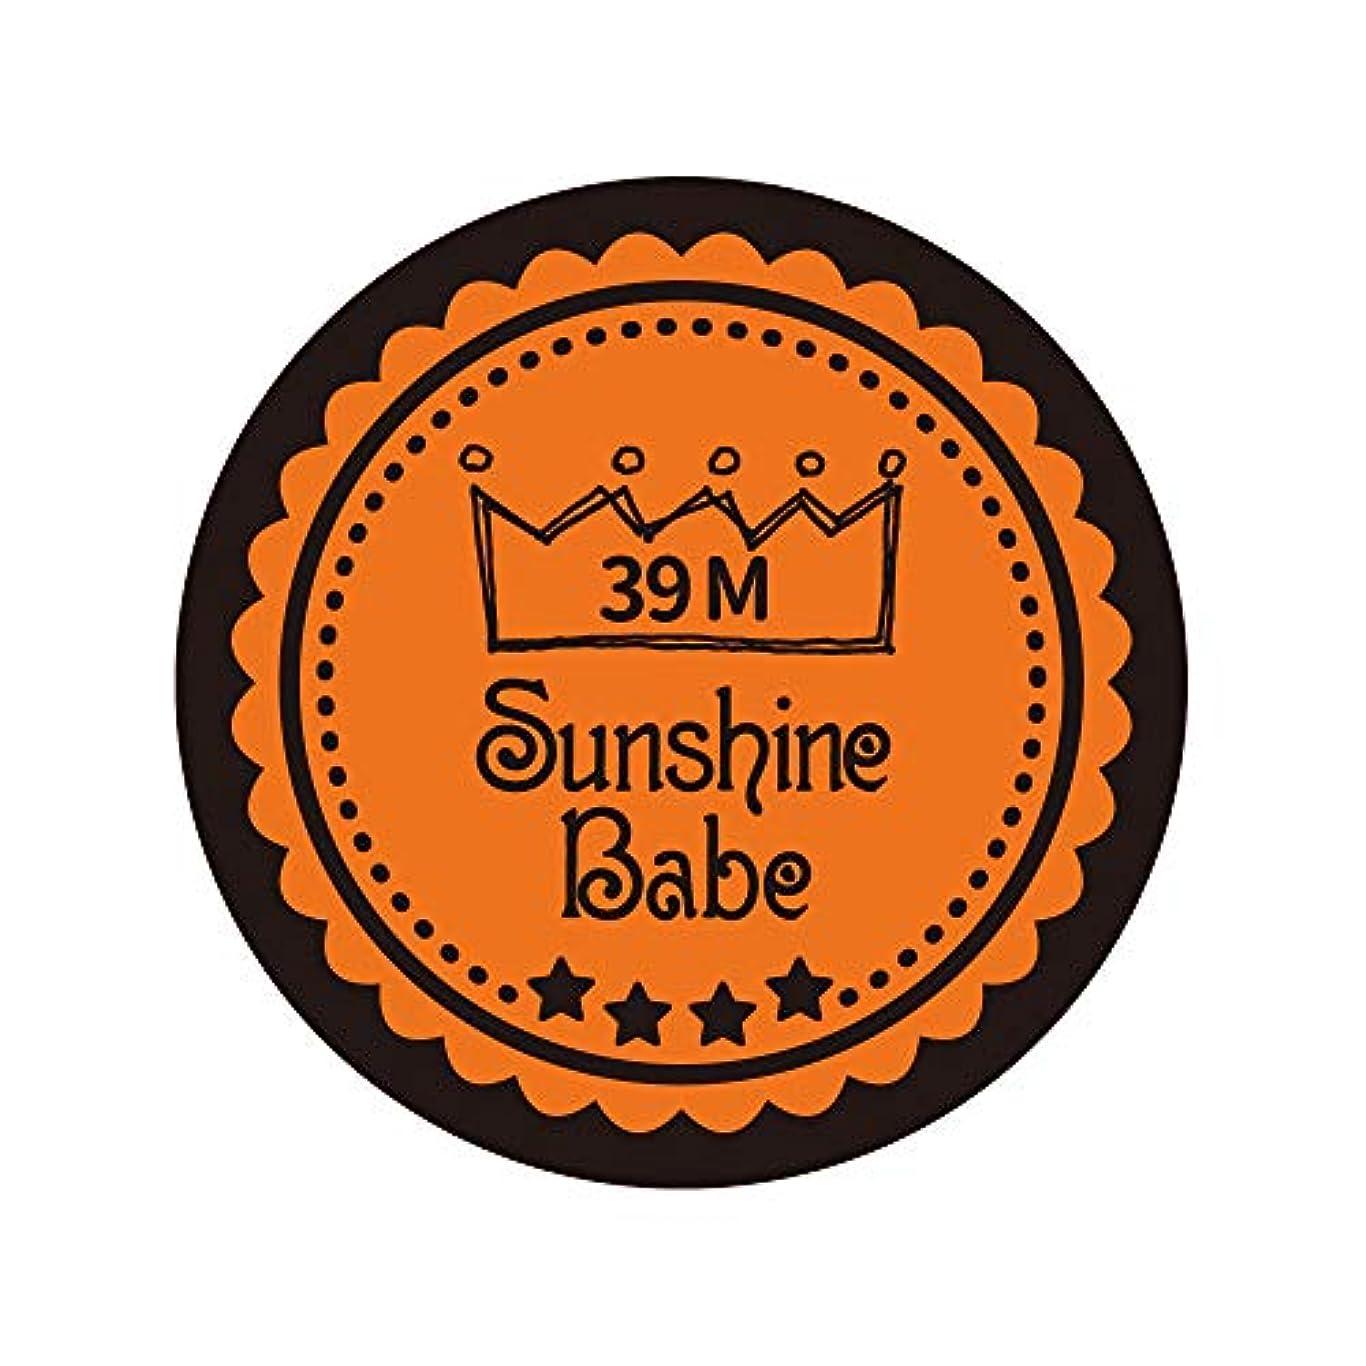 適用済み極地天才Sunshine Babe カラージェル 39M ラセットオレンジ 2.7g UV/LED対応